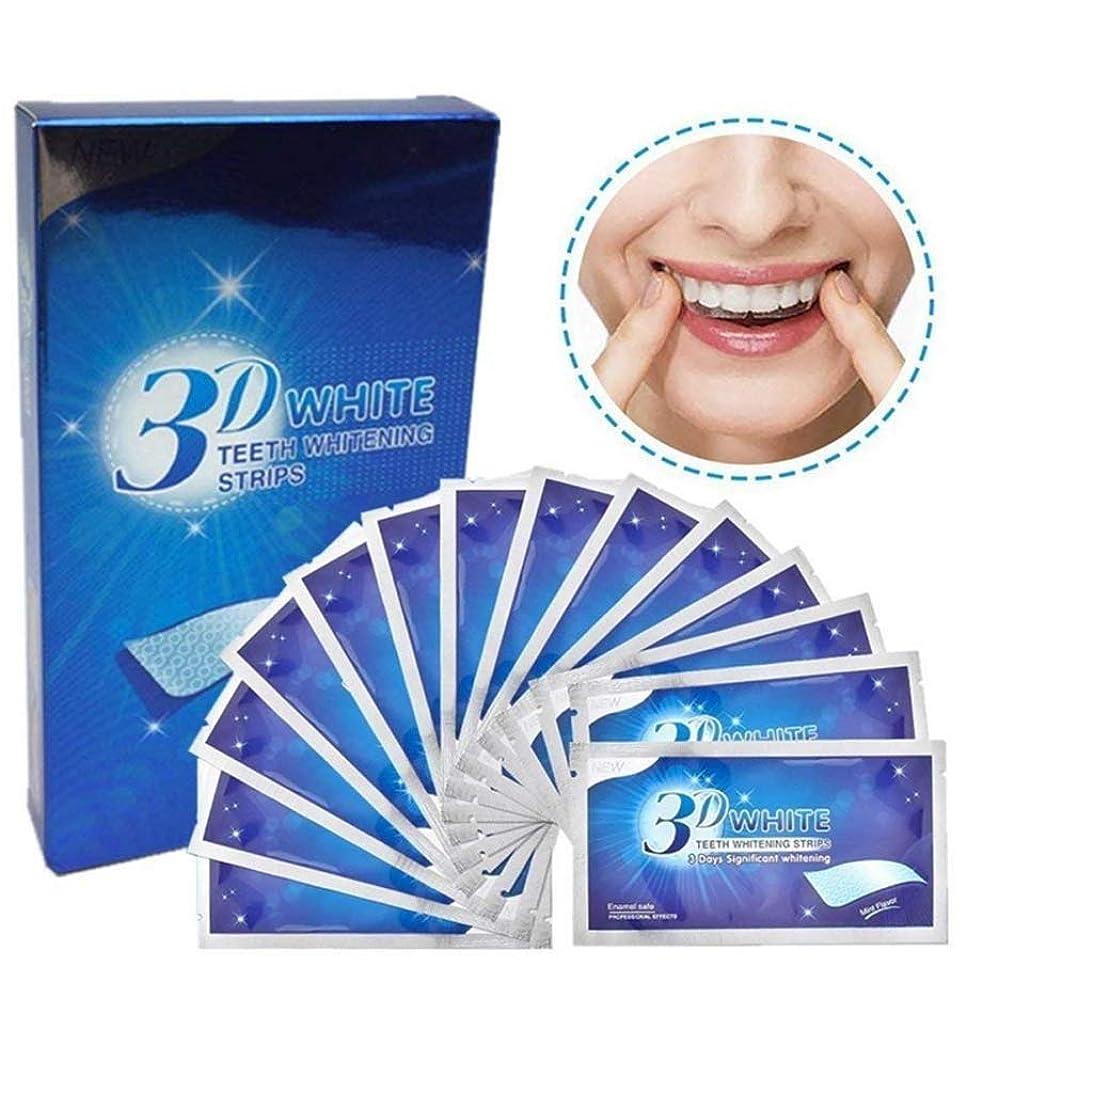 建物以上タックル歯 美白 ホワイトニング マニキュア 歯ケア 歯のホワイトニング 美白歯磨き 歯を白 ホワイトニングテープ 歯を漂白 14枚